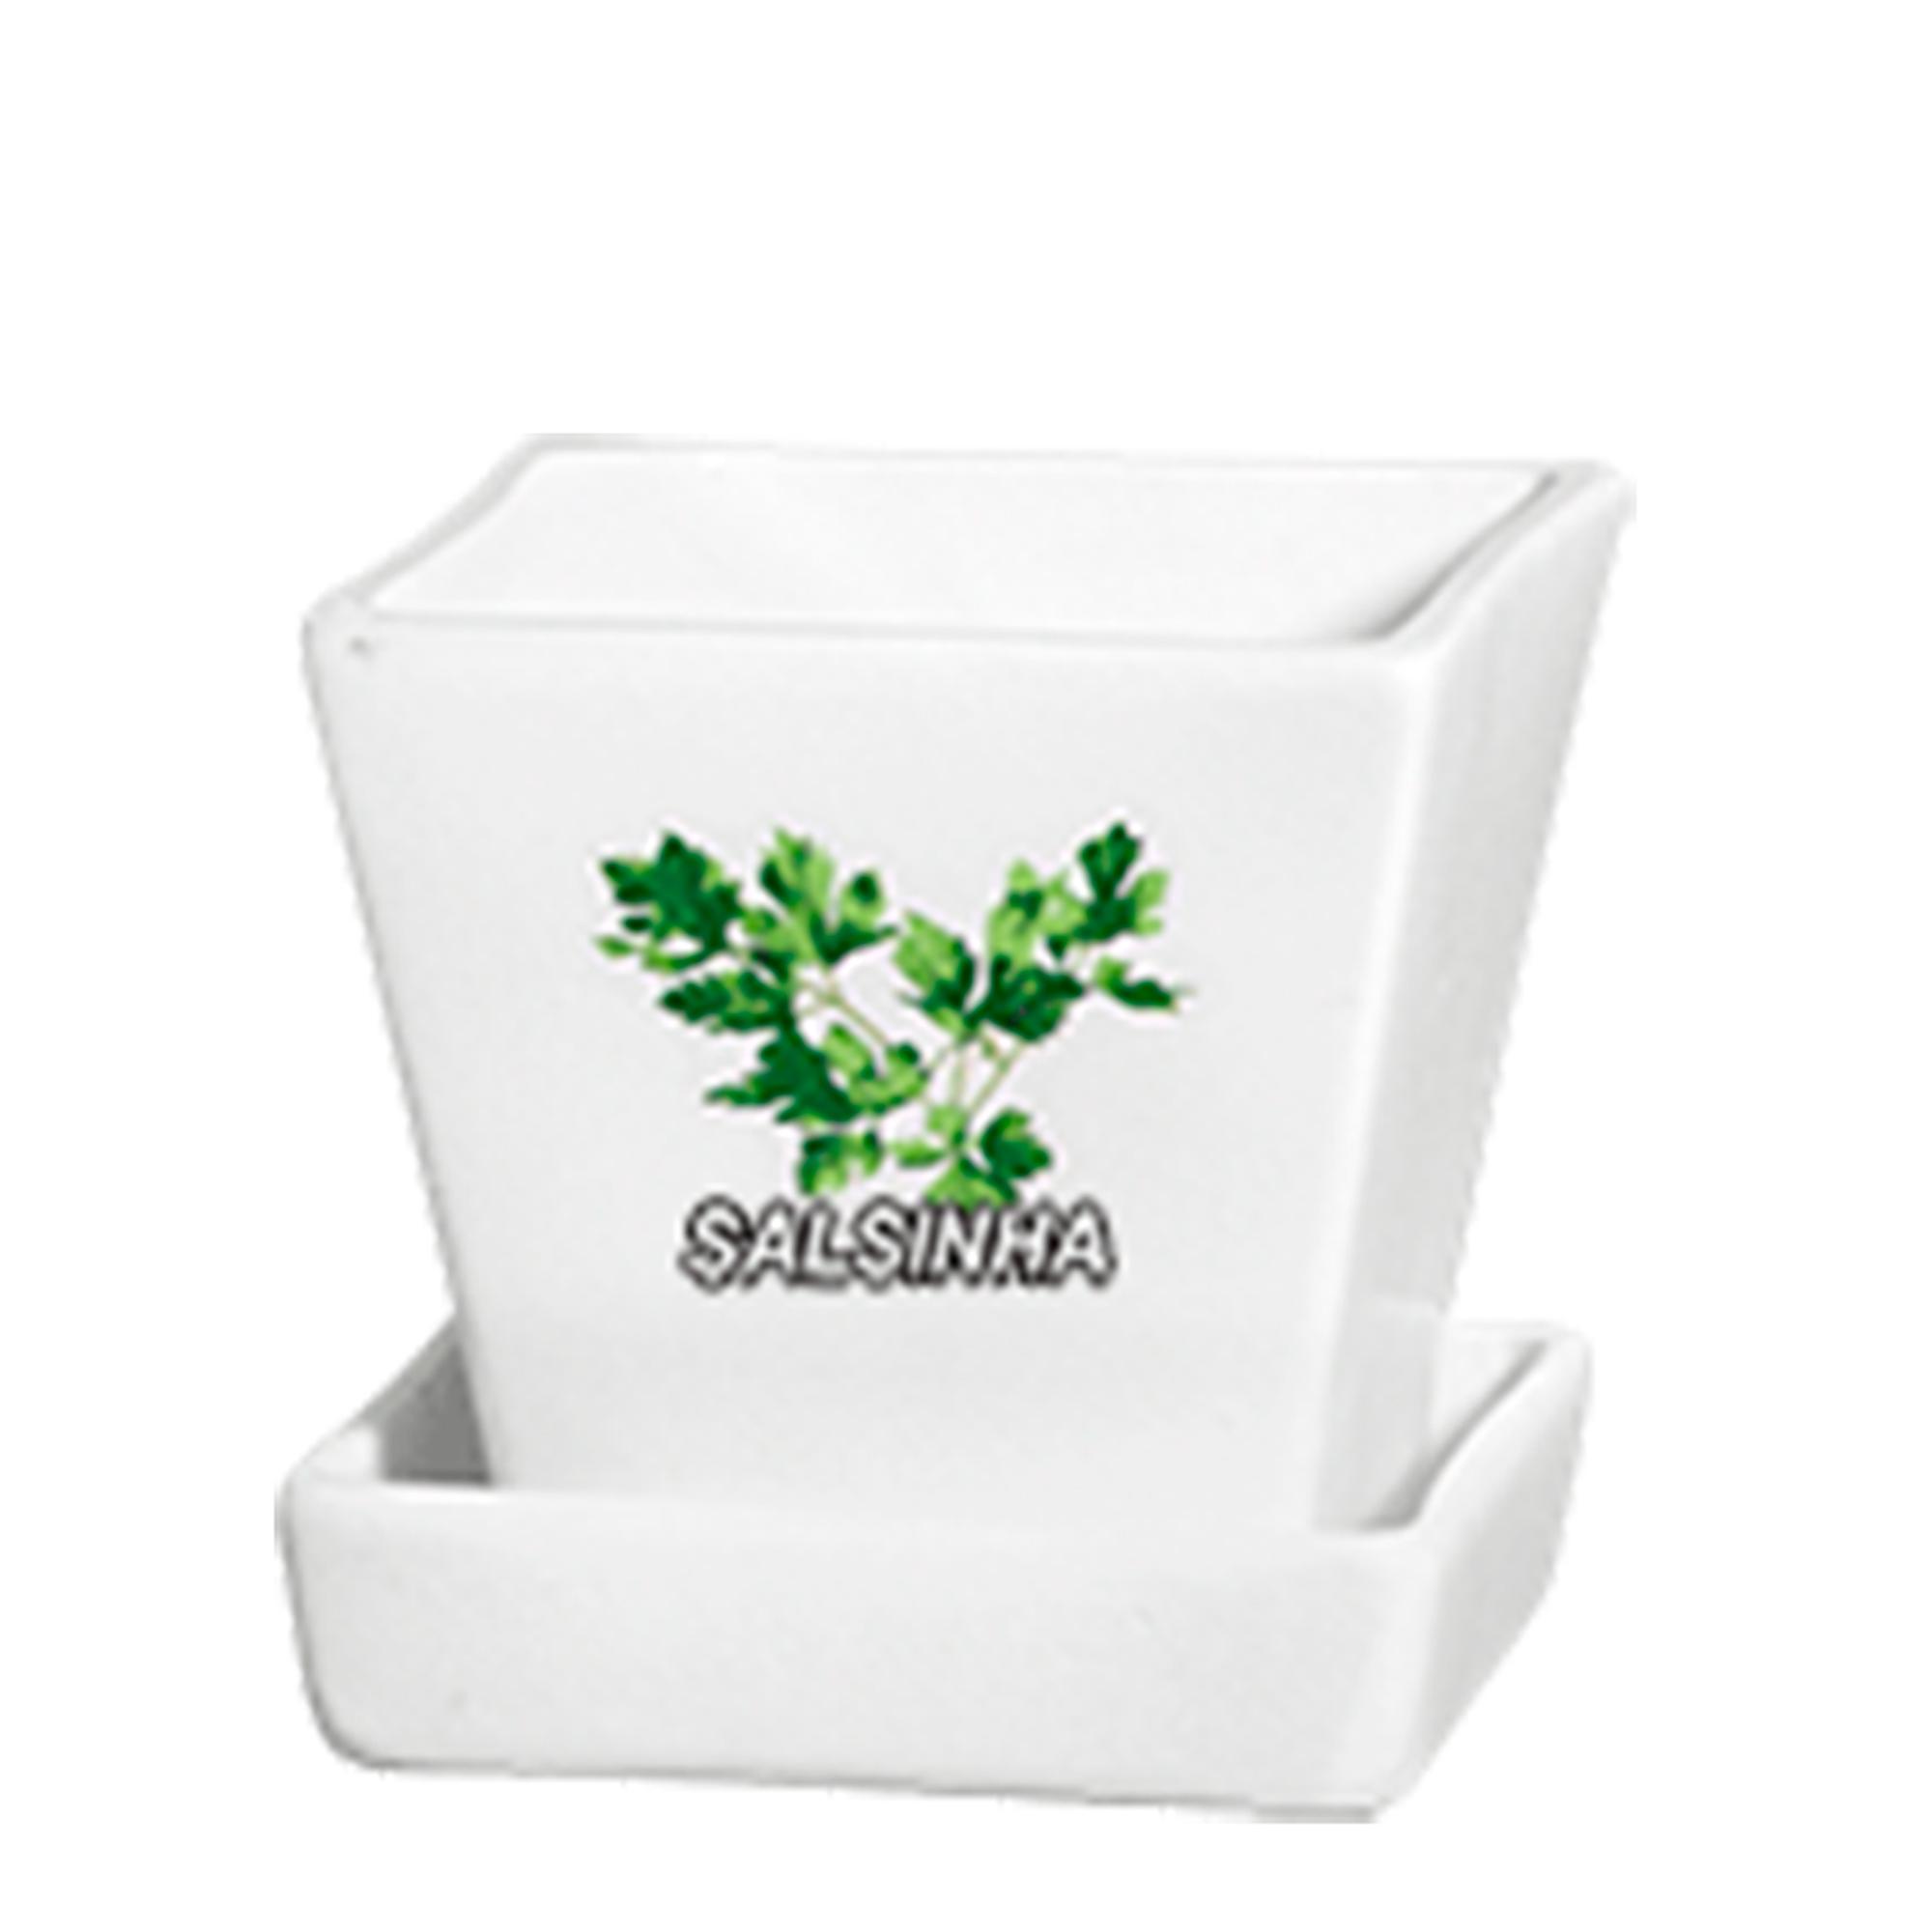 Cachepo Conico Salsinha Tempero